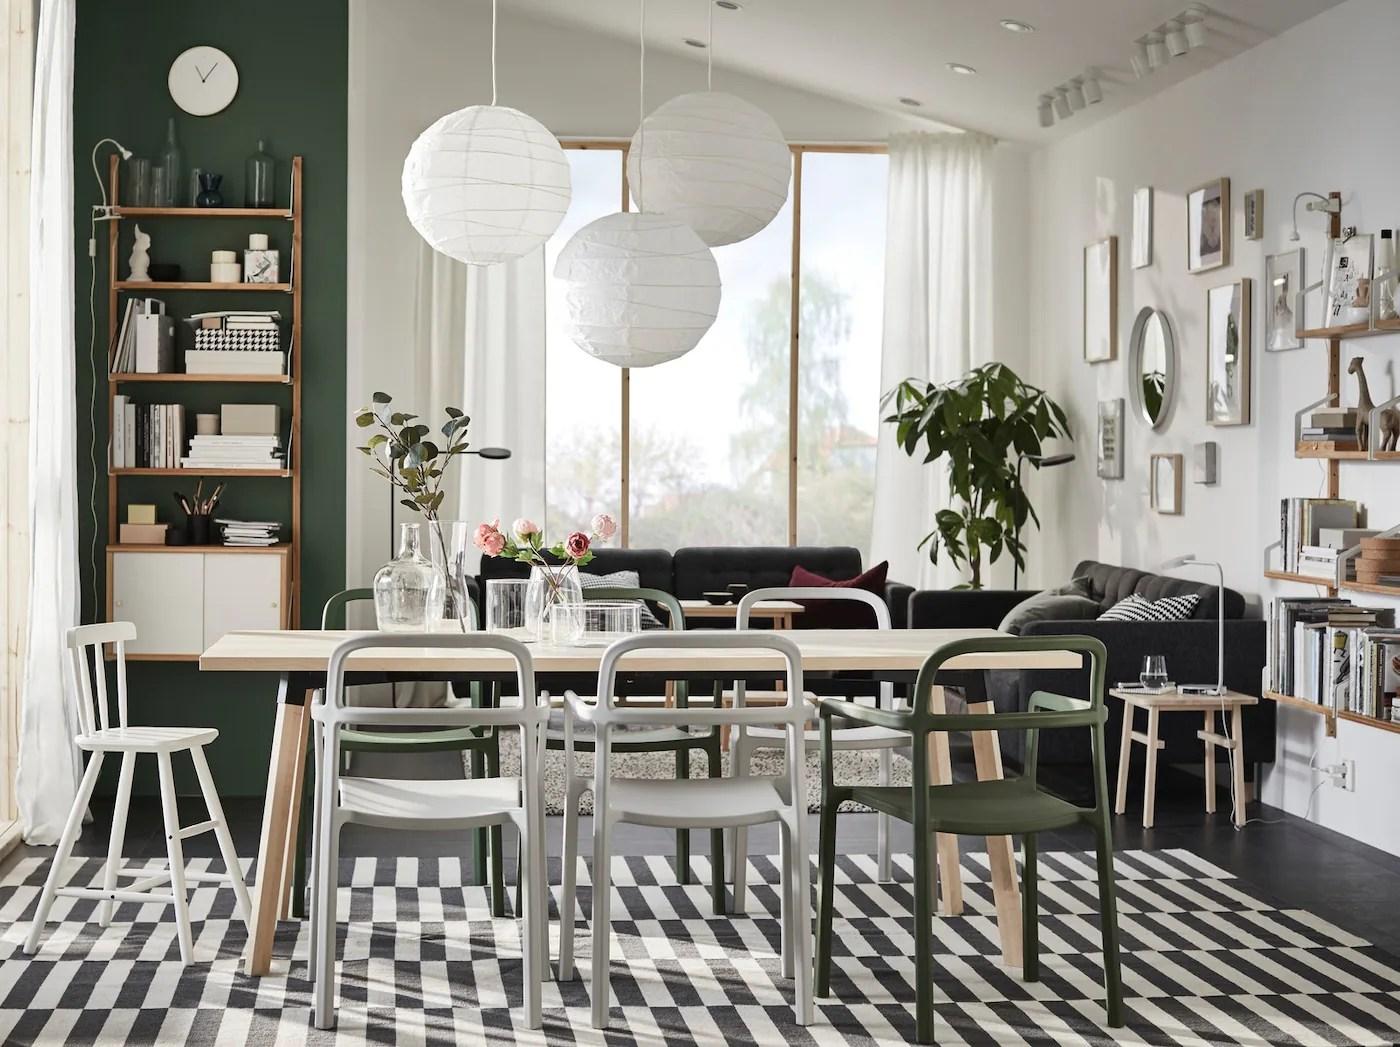 Une Salle A Manger Naturellement Scandinave Ikea